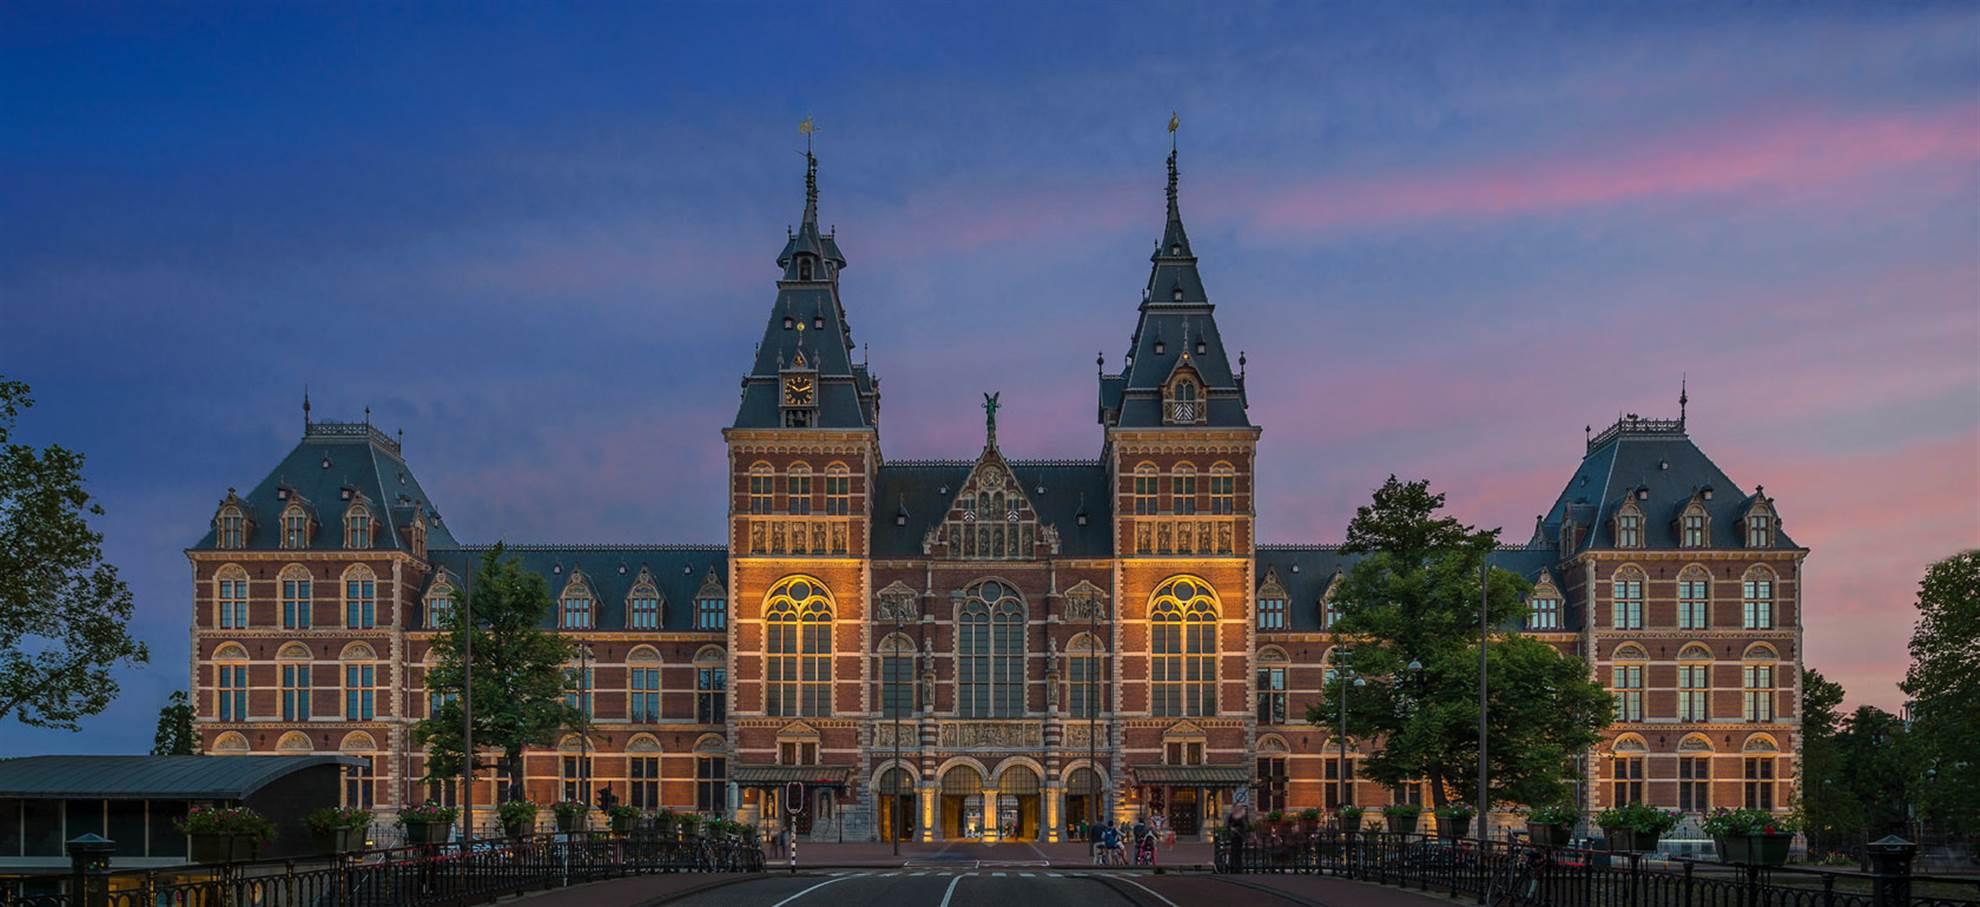 Wycieczka po Rijksmuseum – najważniejsze atrakcje